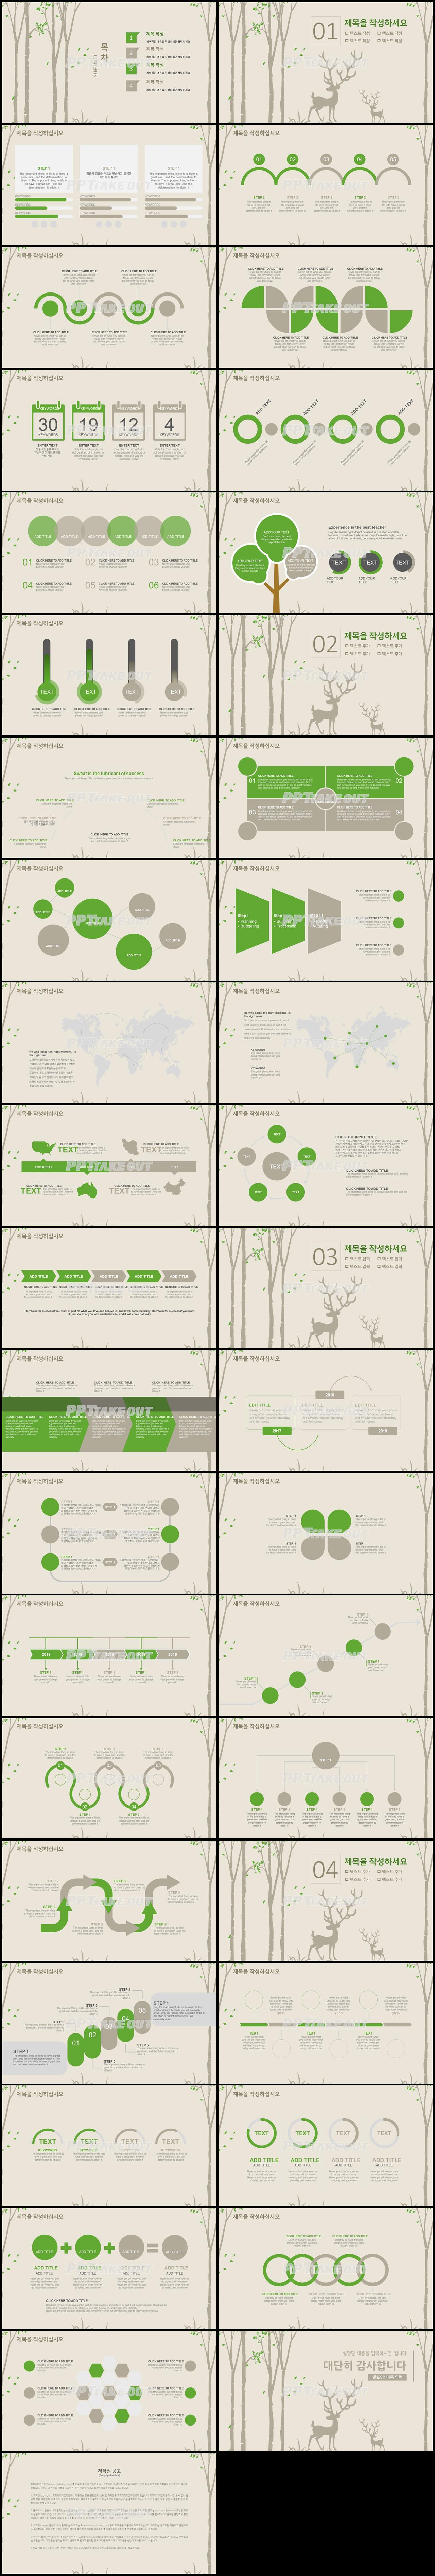 화초, 동식물 녹색 단아한 멋진 파워포인트배경 다운로드 상세보기